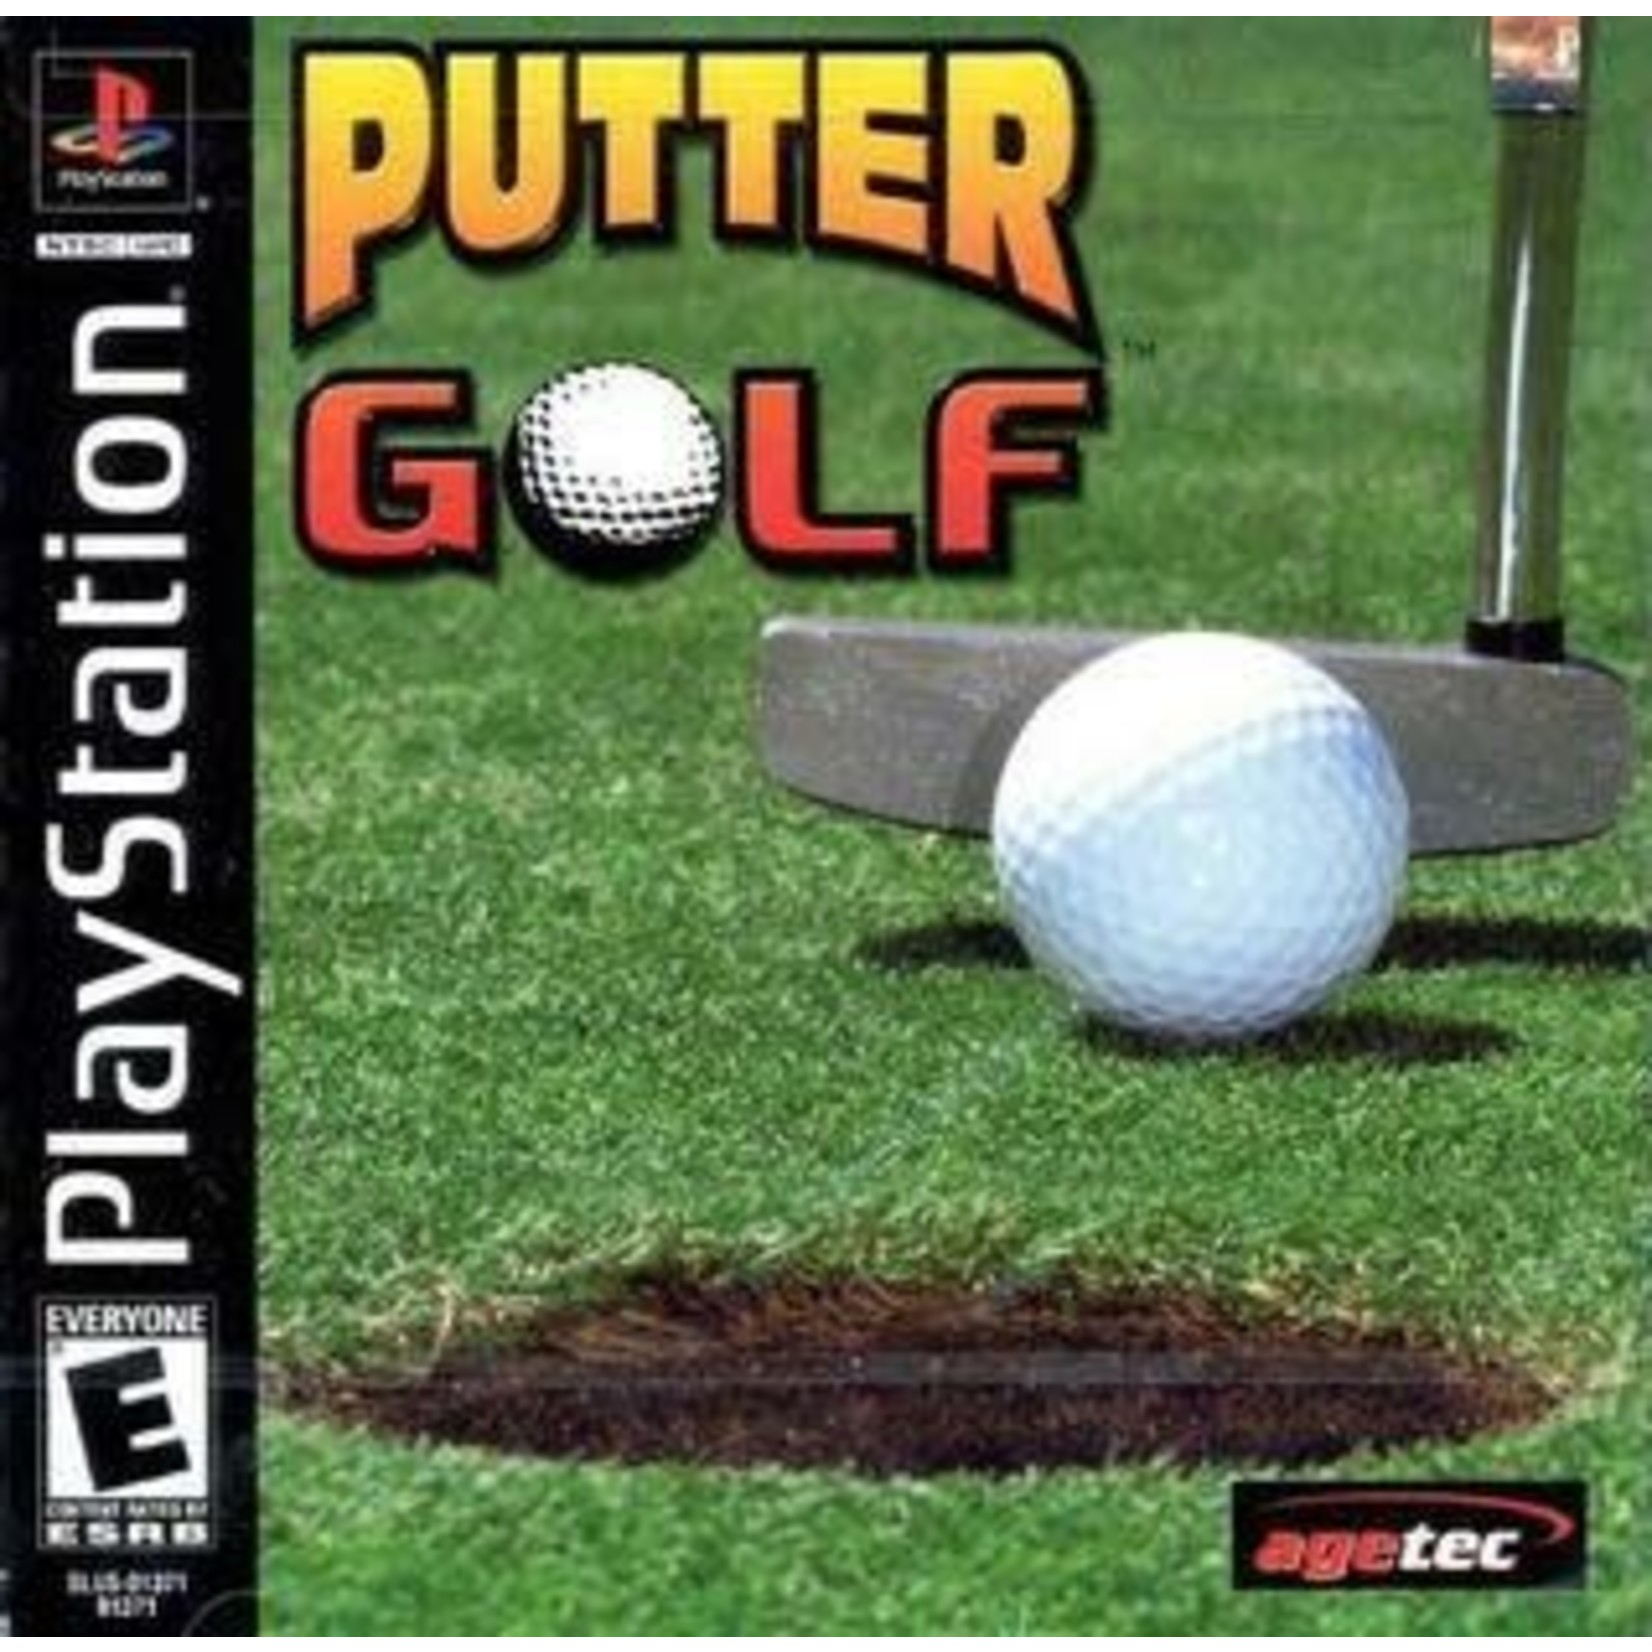 PS1U-Putter Golf